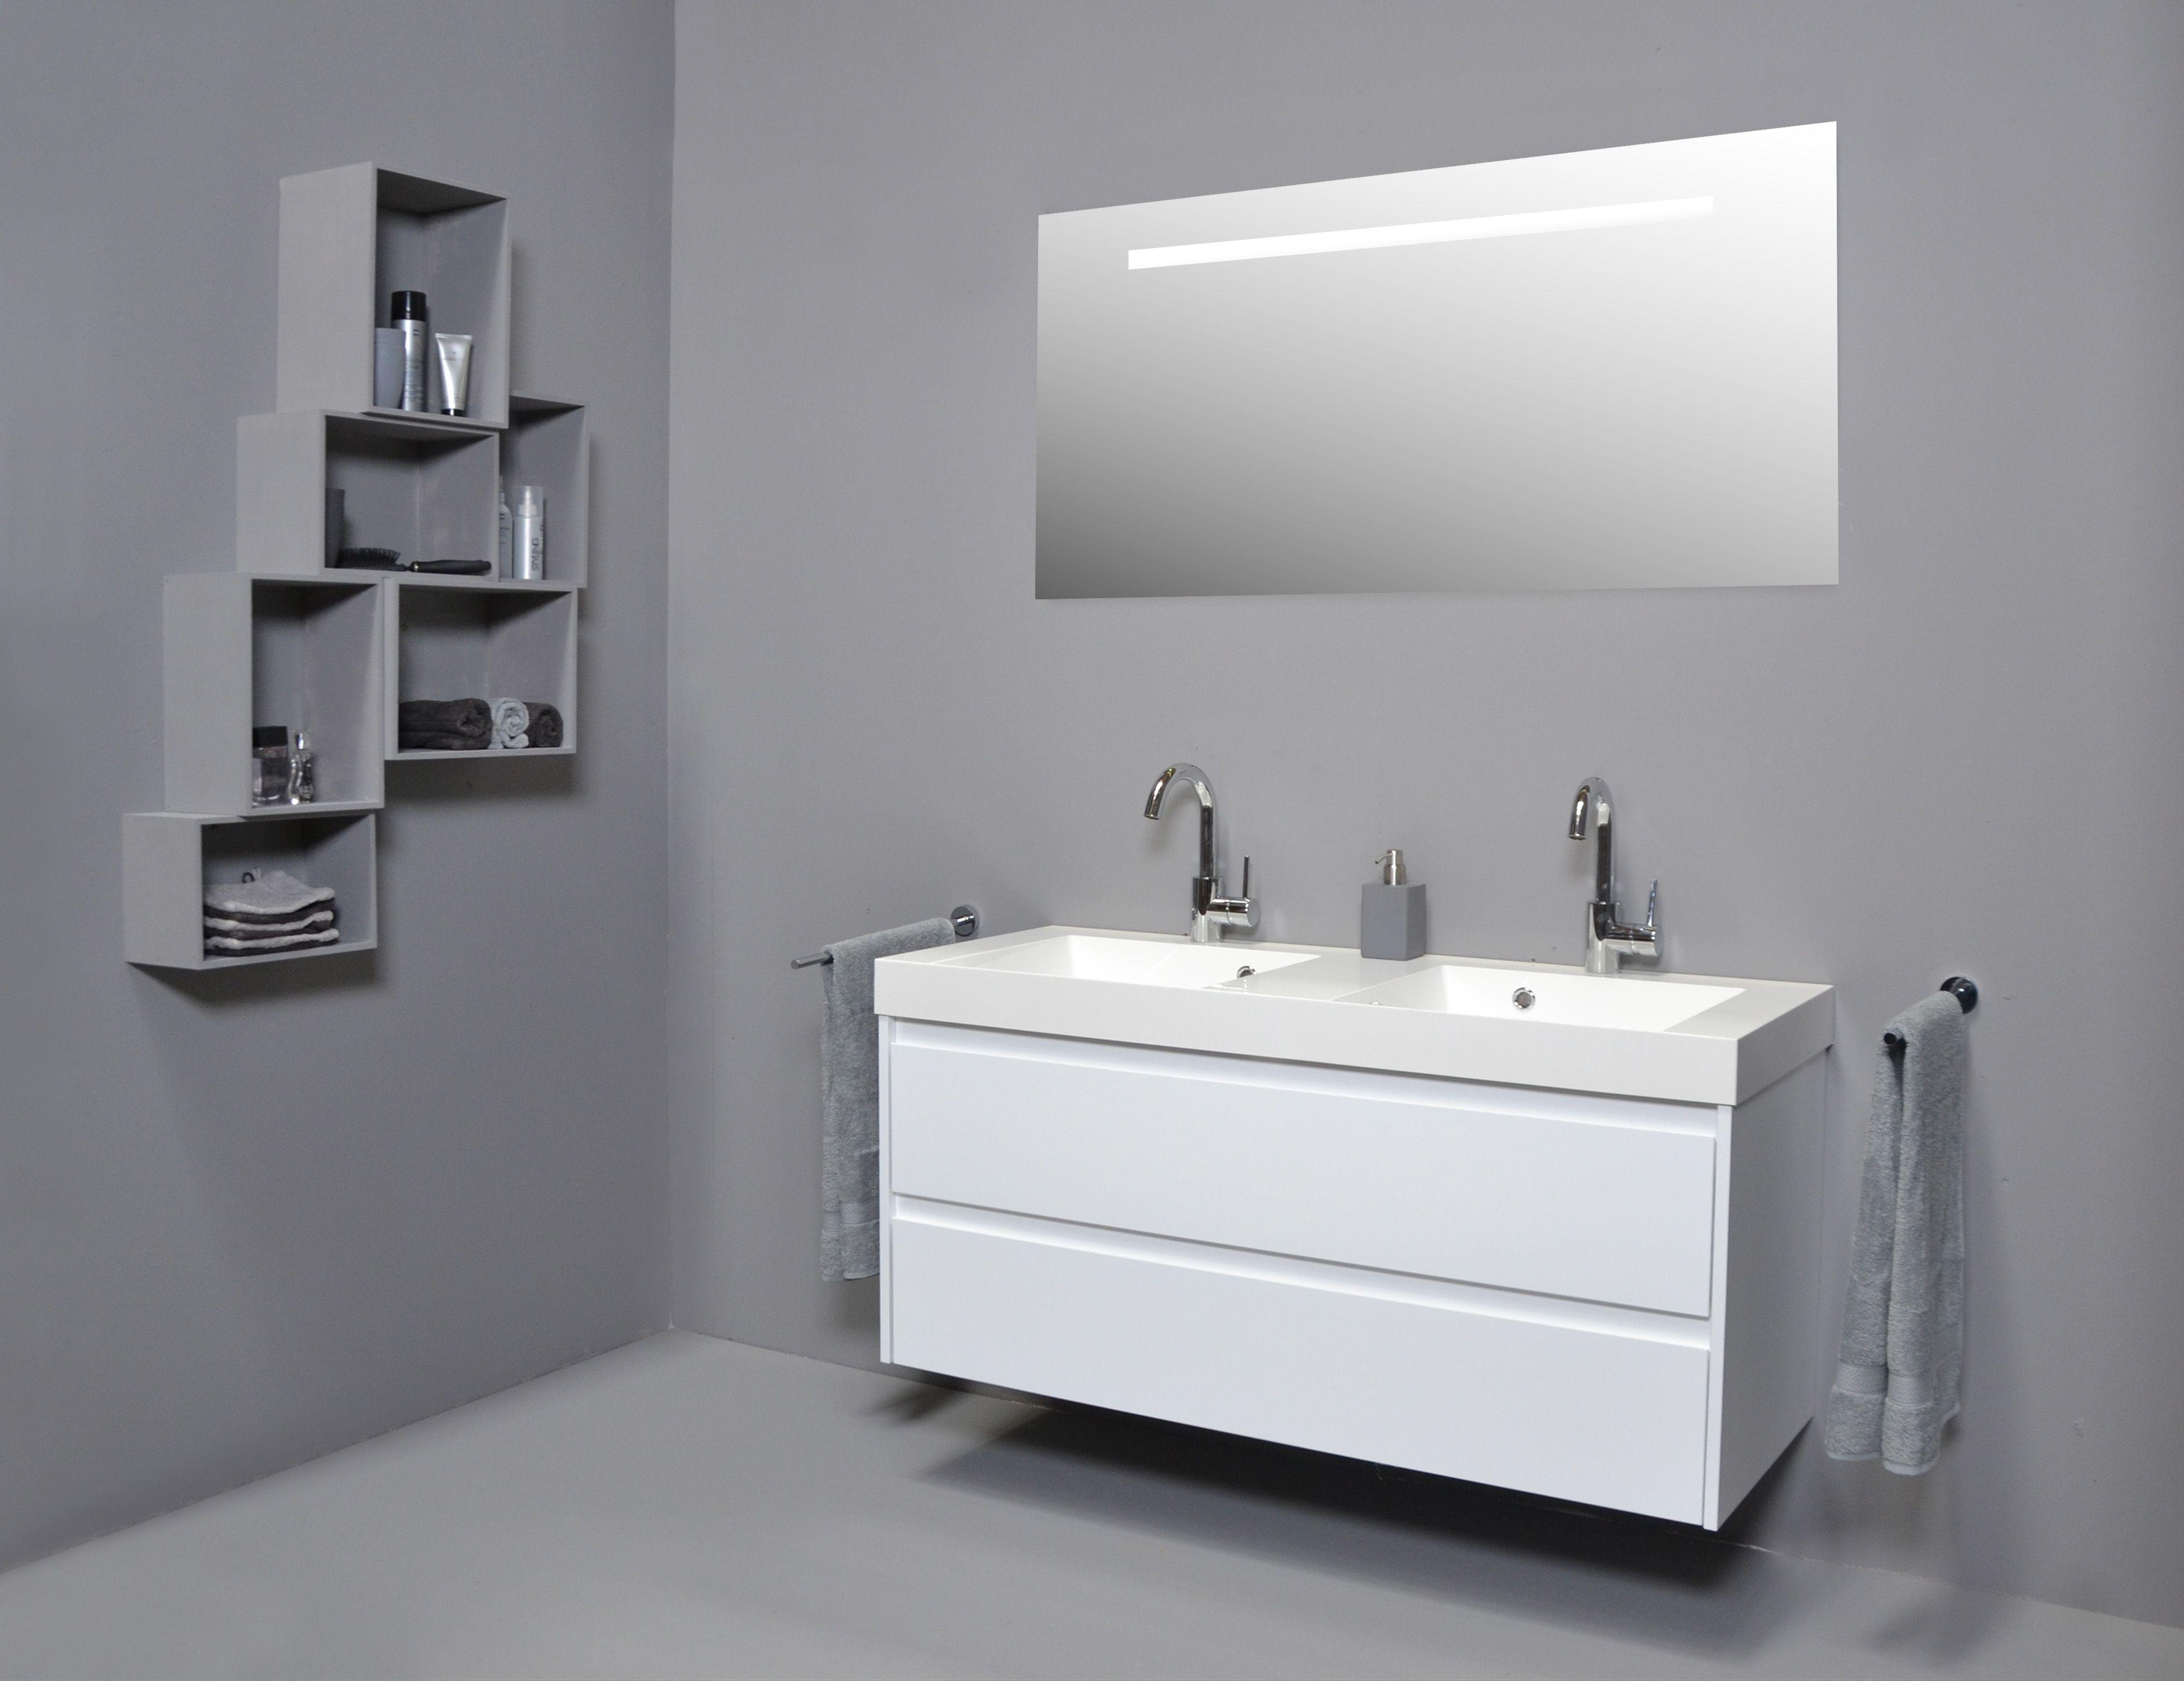 Hoge Spiegelkast Badkamer : Proline kunstmarmer 120 hoogglans wit badkamer wastafel